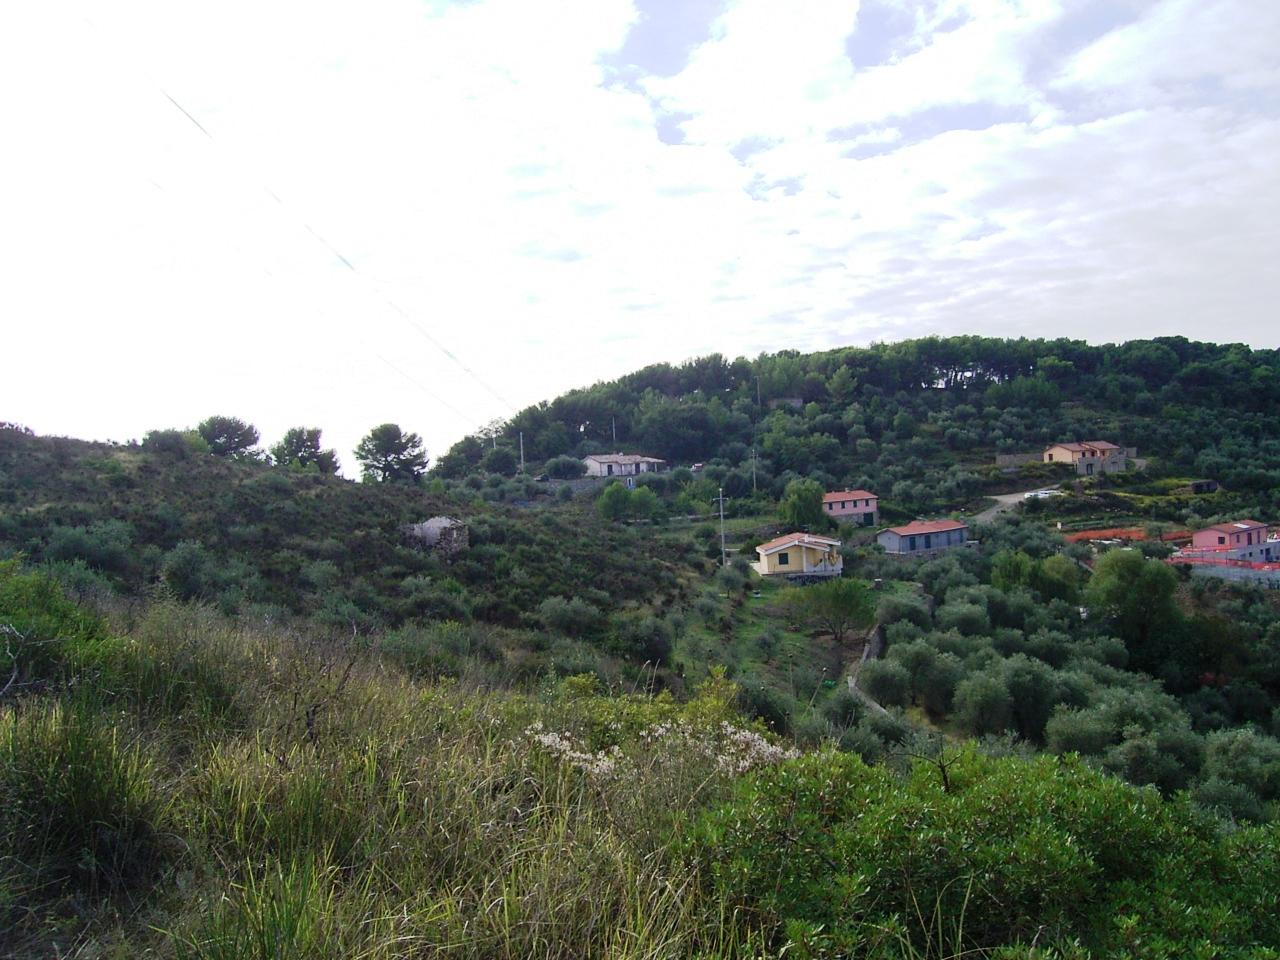 Terreno Agricolo in vendita a Imperia, 9999 locali, prezzo € 60.000 | PortaleAgenzieImmobiliari.it